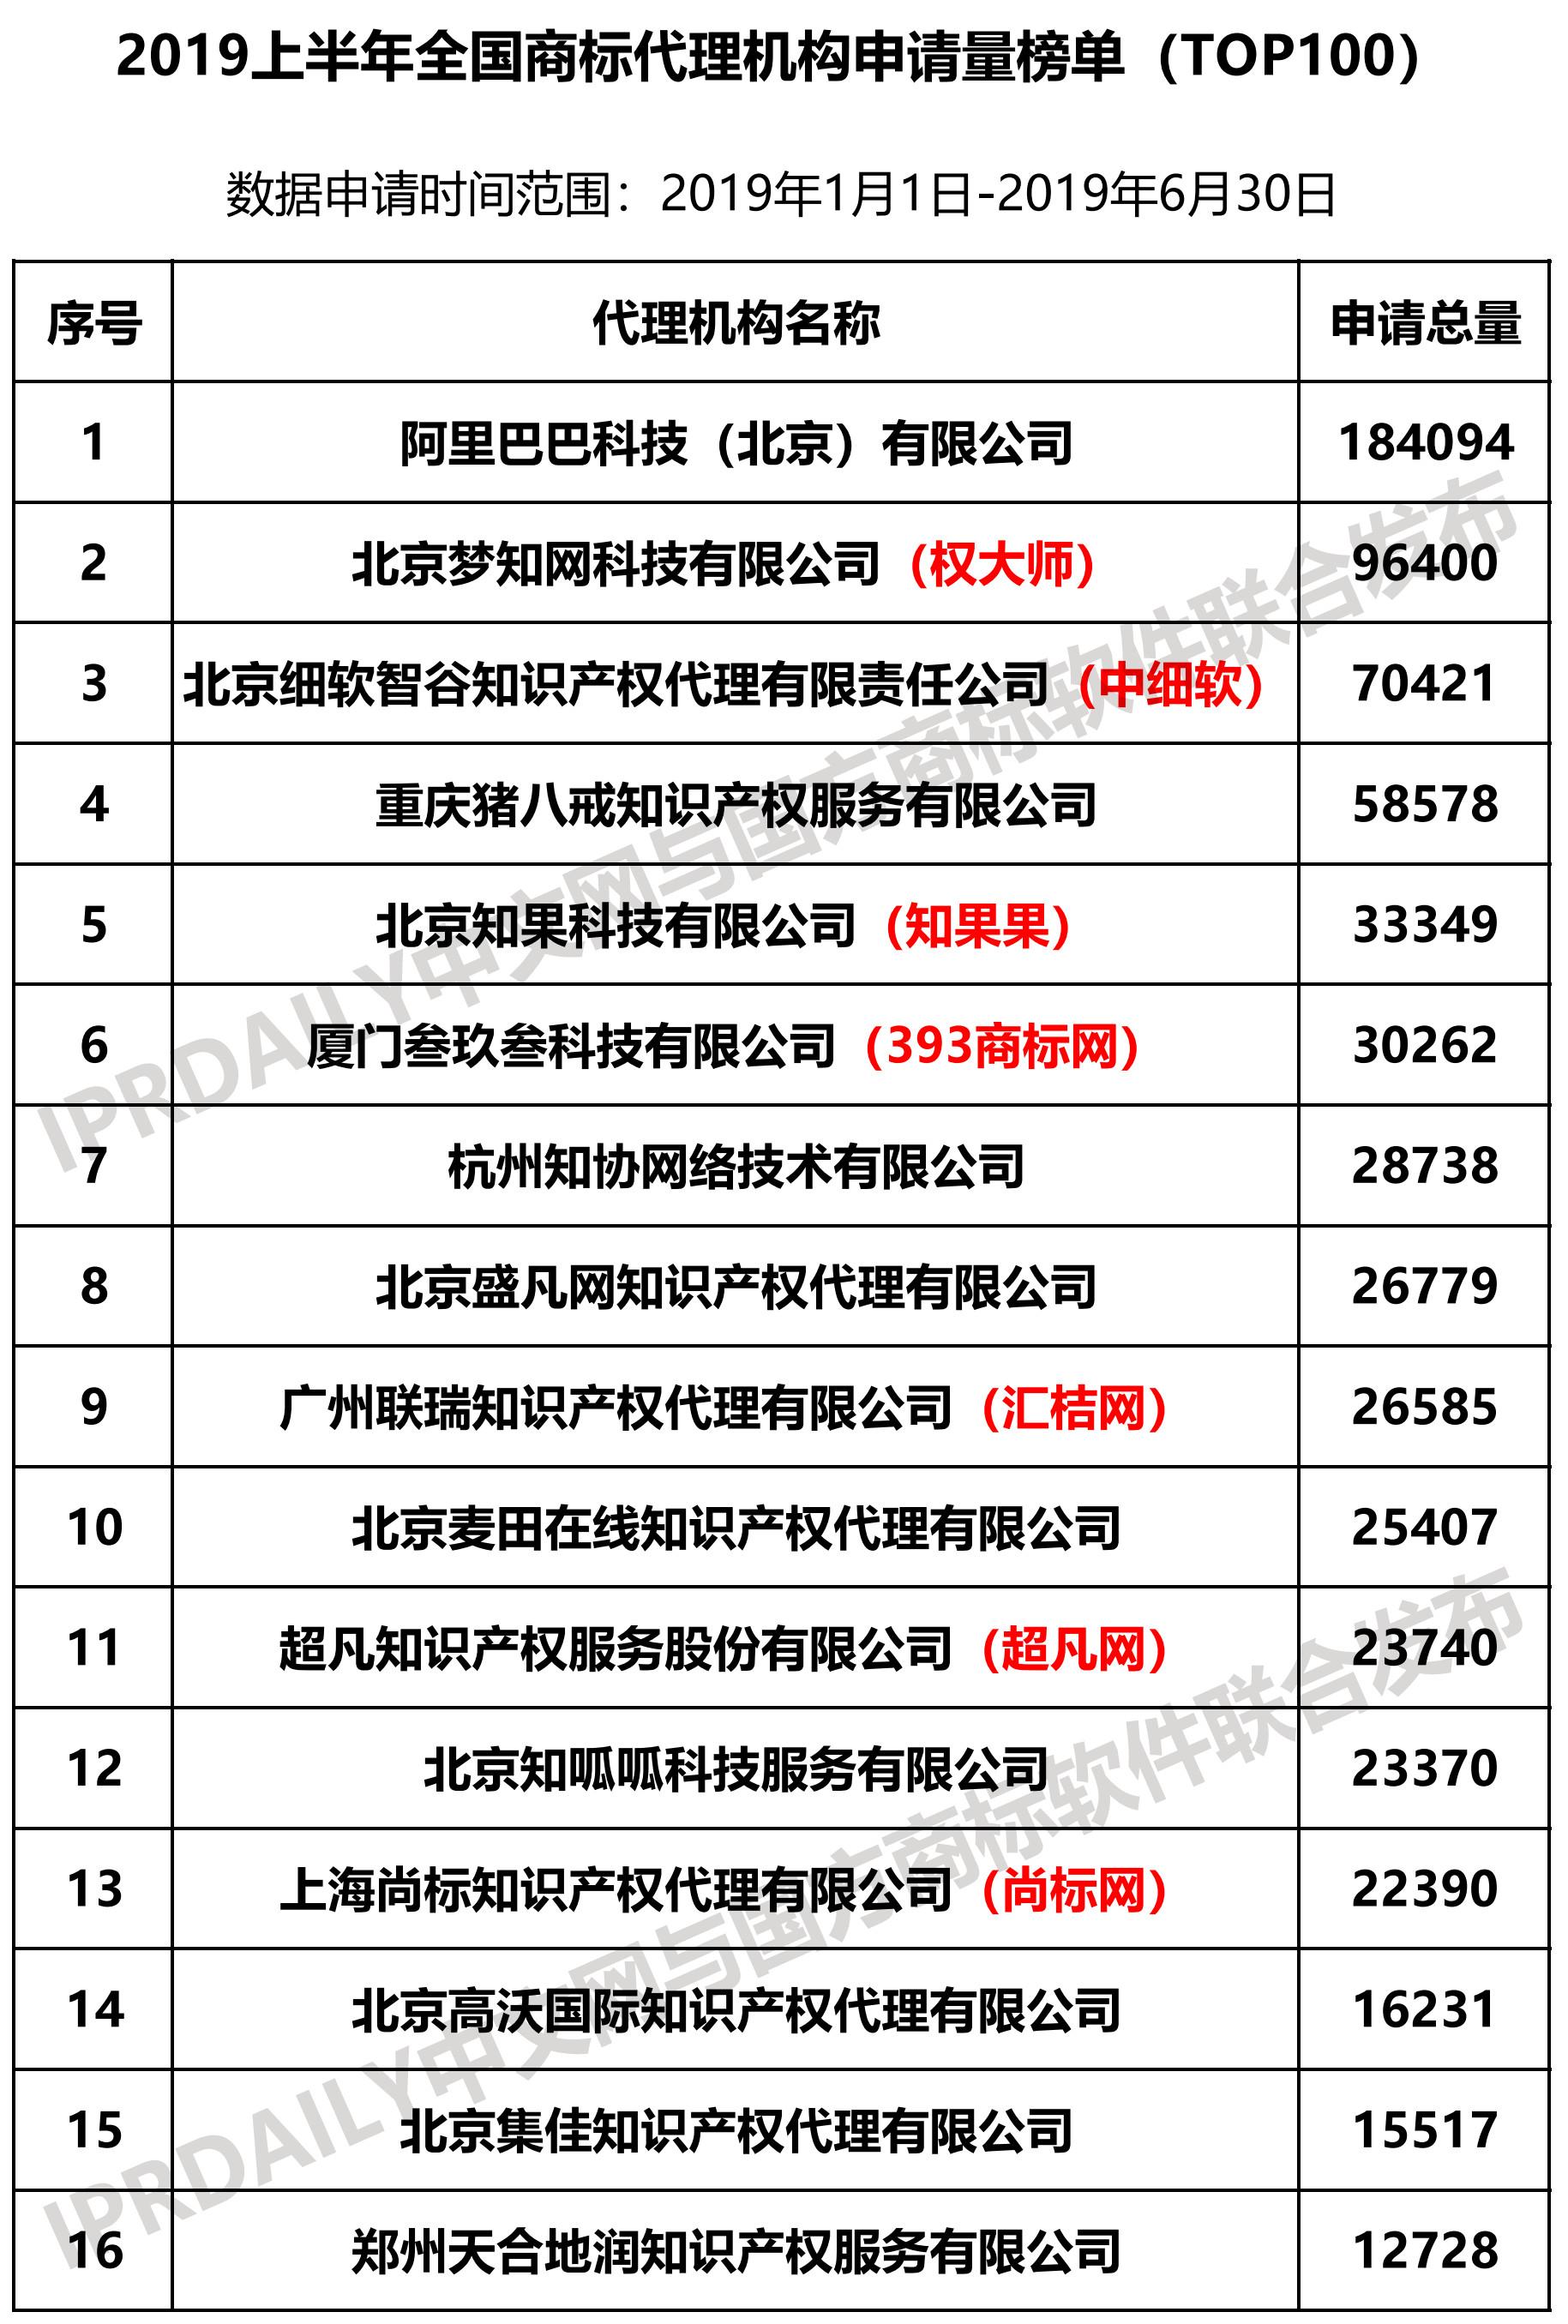 2019上半年全国商标代理机构申请量榜单(TOP100)